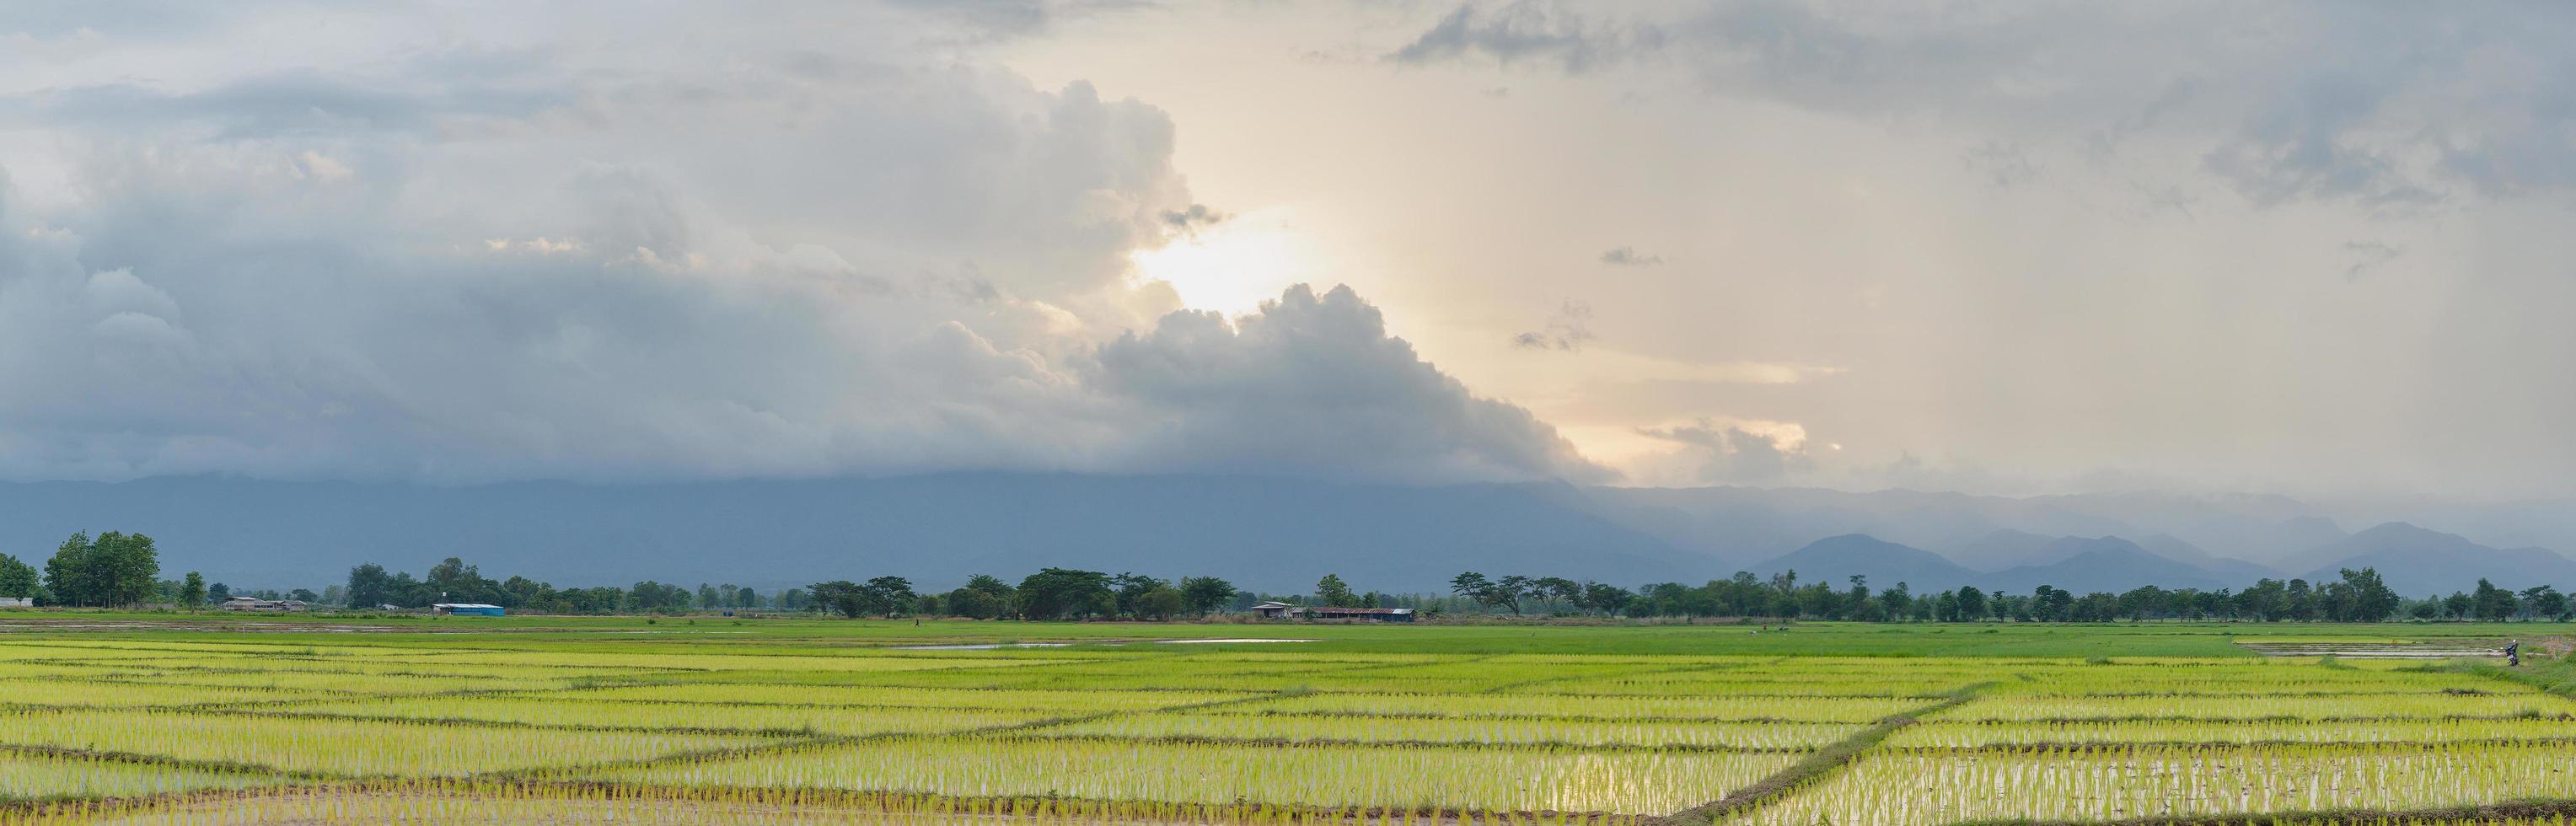 campo di riso al tramonto foto